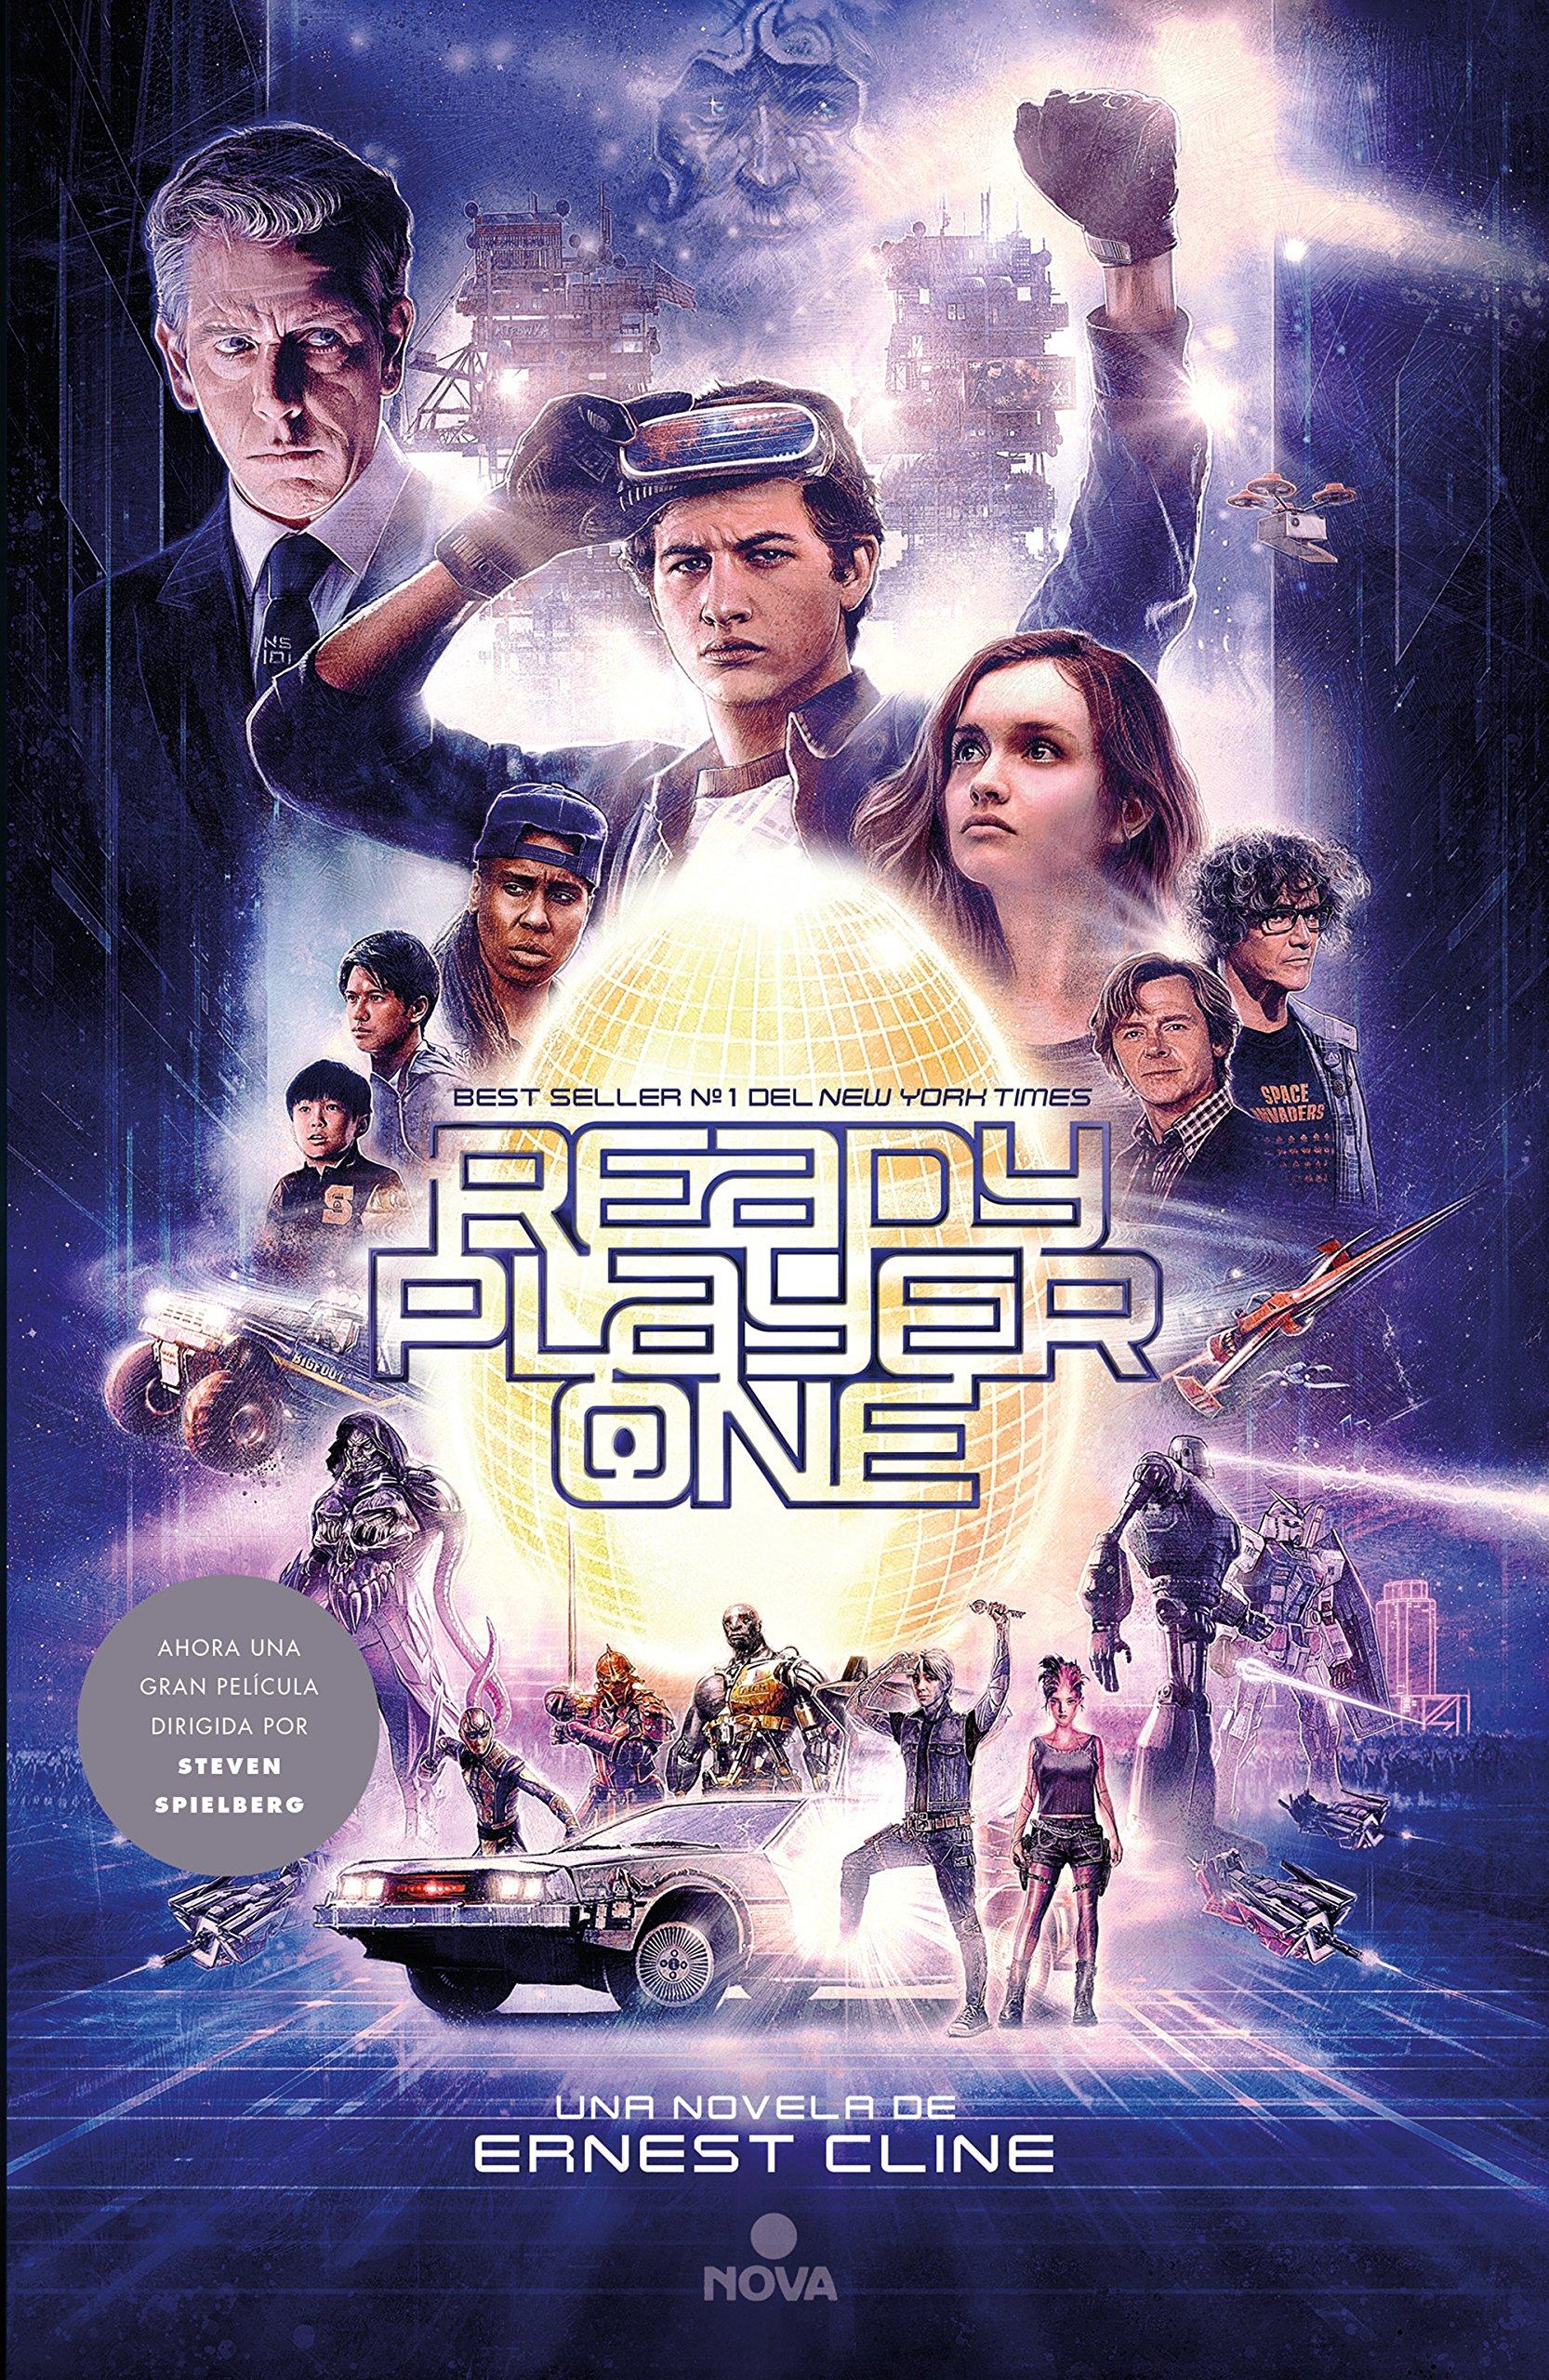 Ready Player One: Ahora una gran película dirigida por Steven Spielberg (NOVA) Tapa blanda – 15 feb 2018 Ernest Cline 8466663061 Adventure Space opera